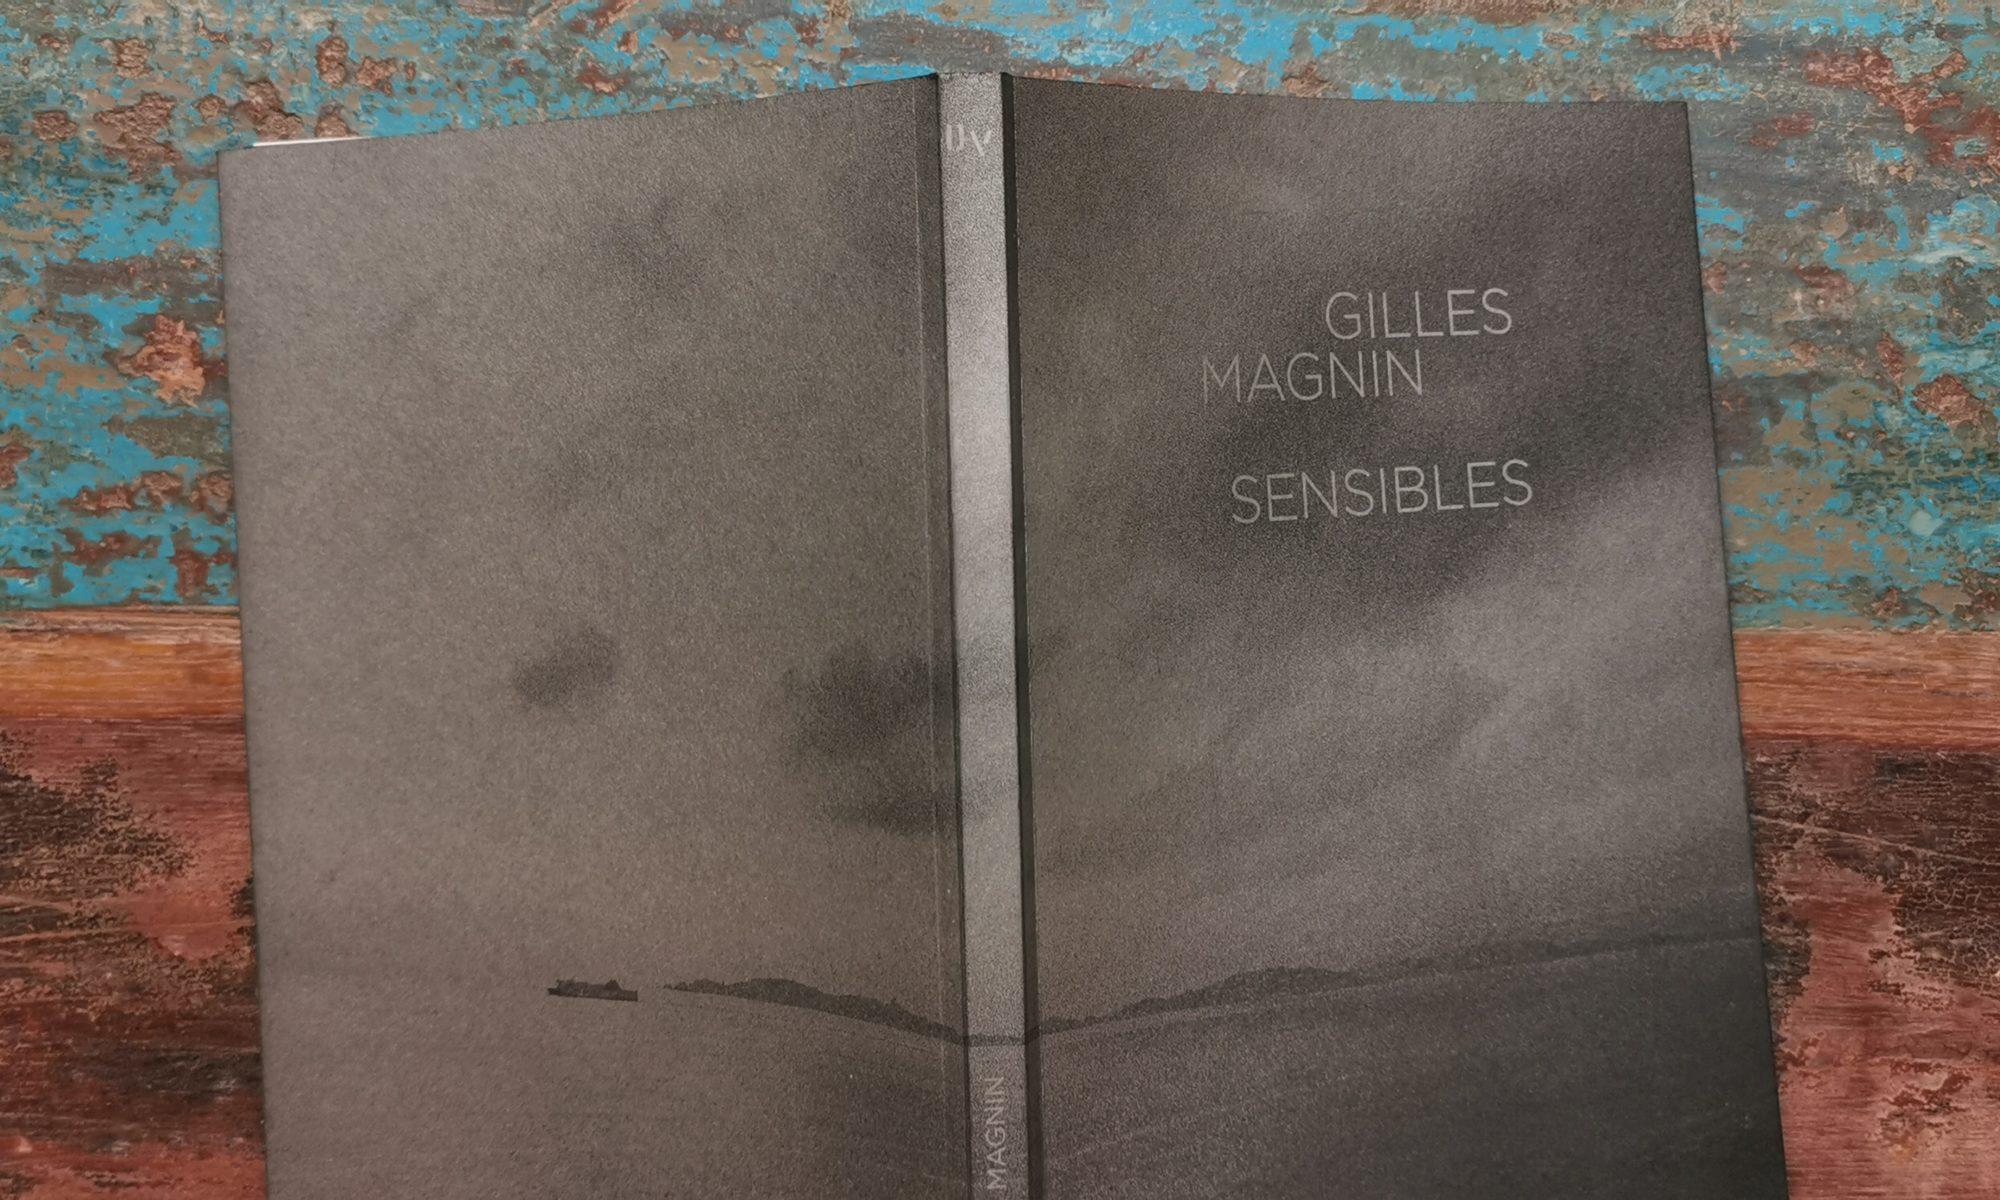 Gilles Magnin, Sensibles, genèse d'un livre de photos